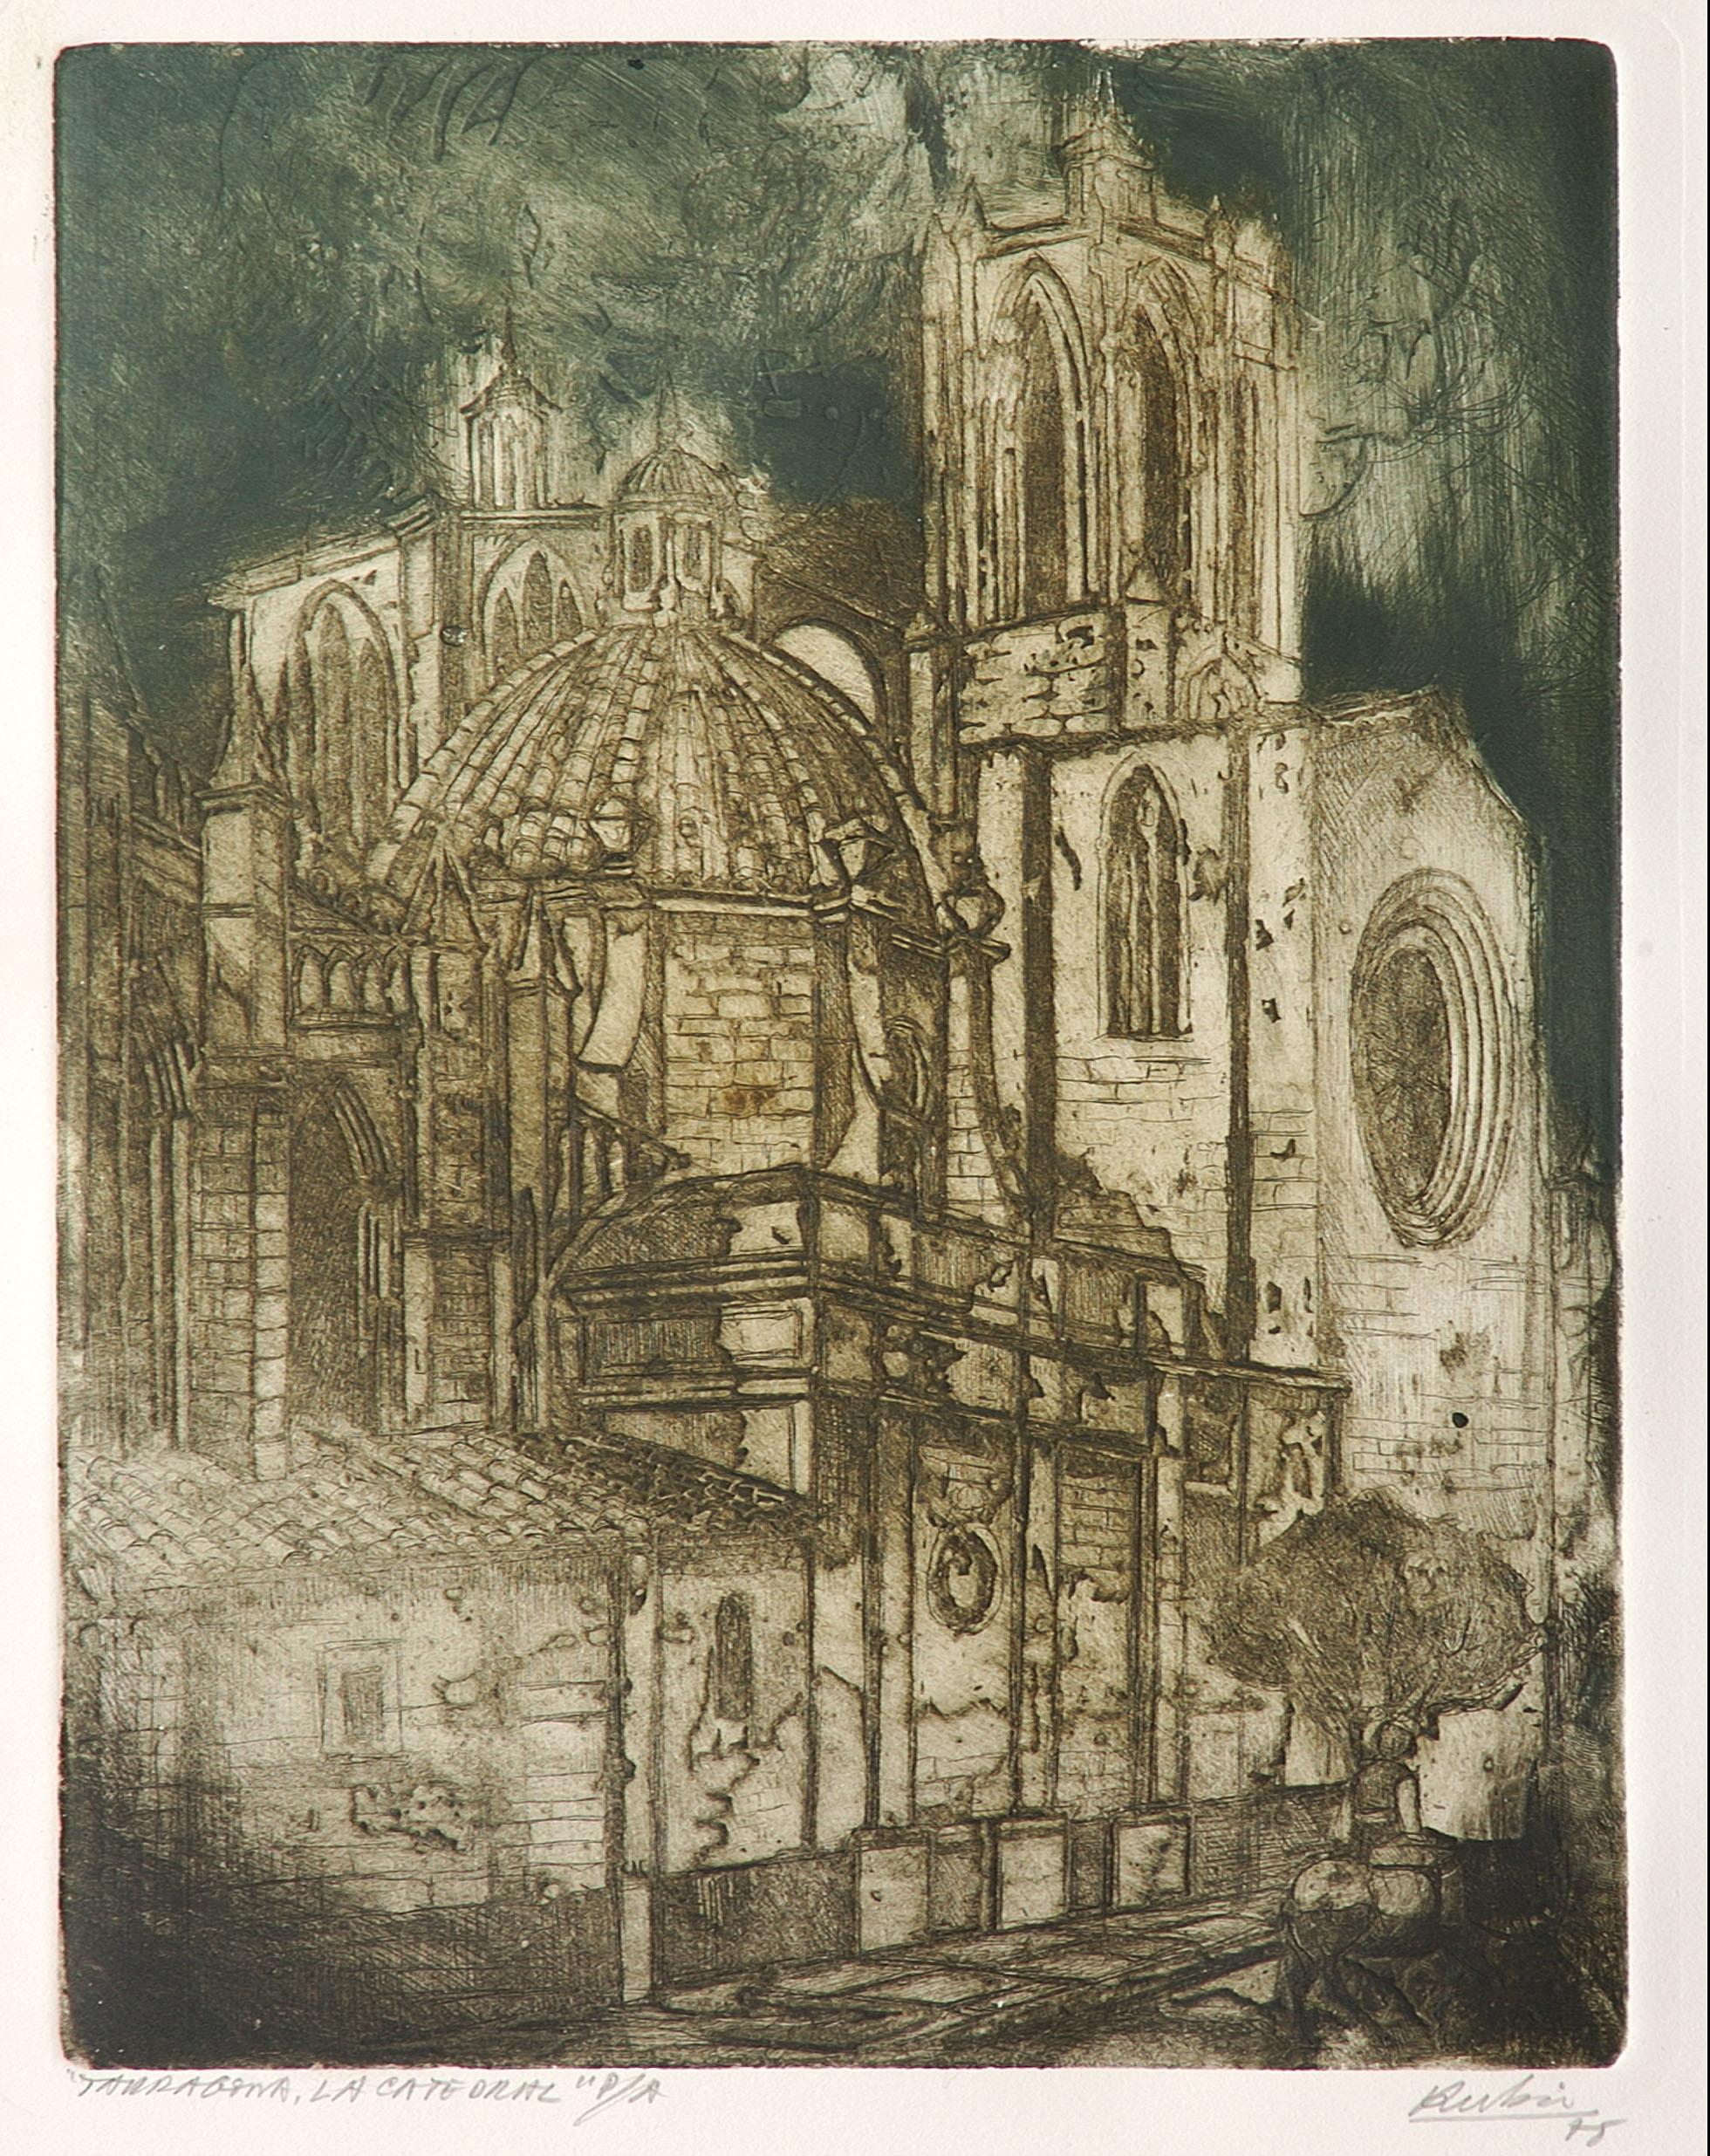 La Catedral de Tarragona | Rubio Martínez, Mariano